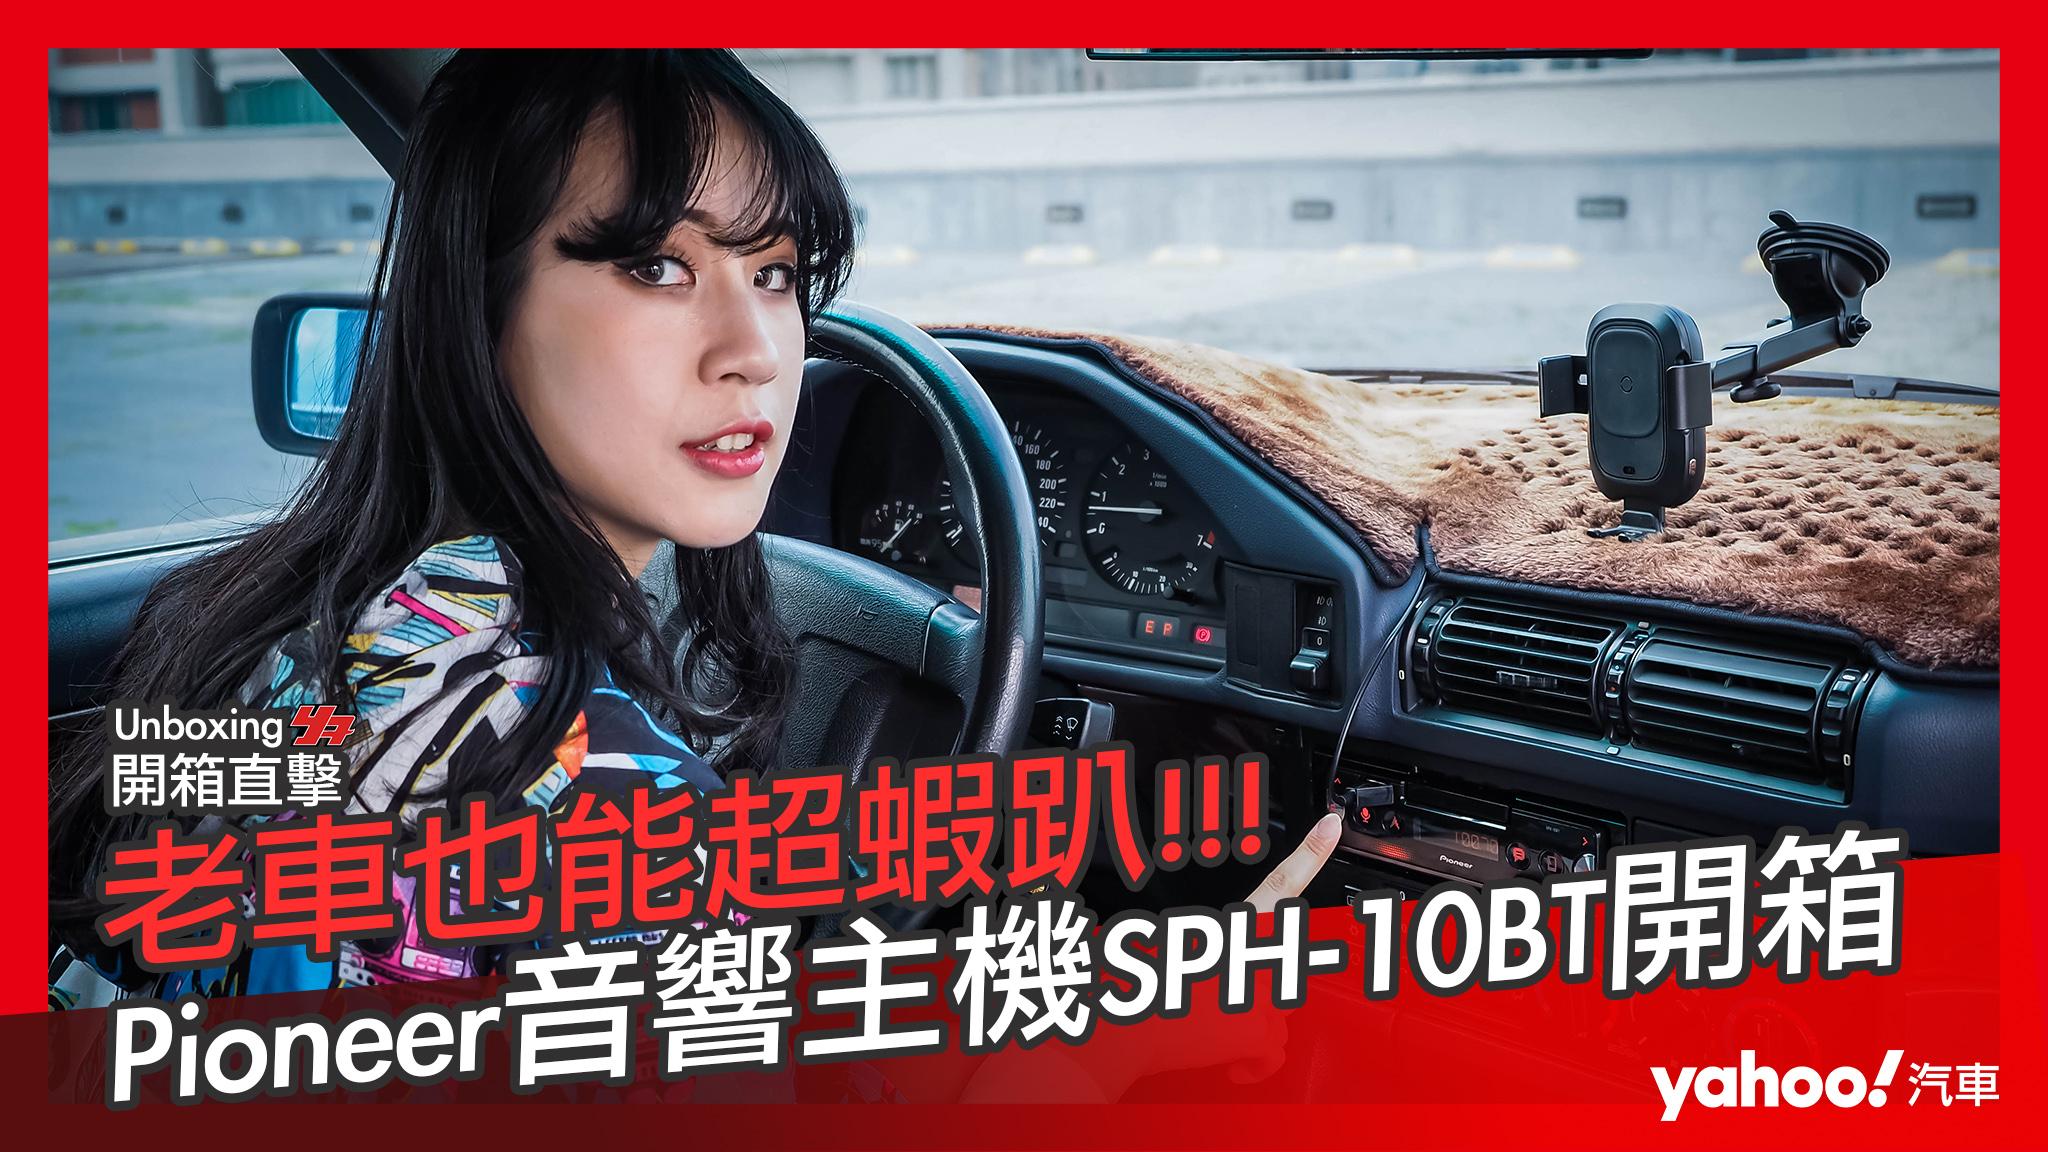 【開箱直擊】25載老車要如何蝦趴?開箱Pioneer SPH-10BT與Baseus無線充電的數位轉生術!